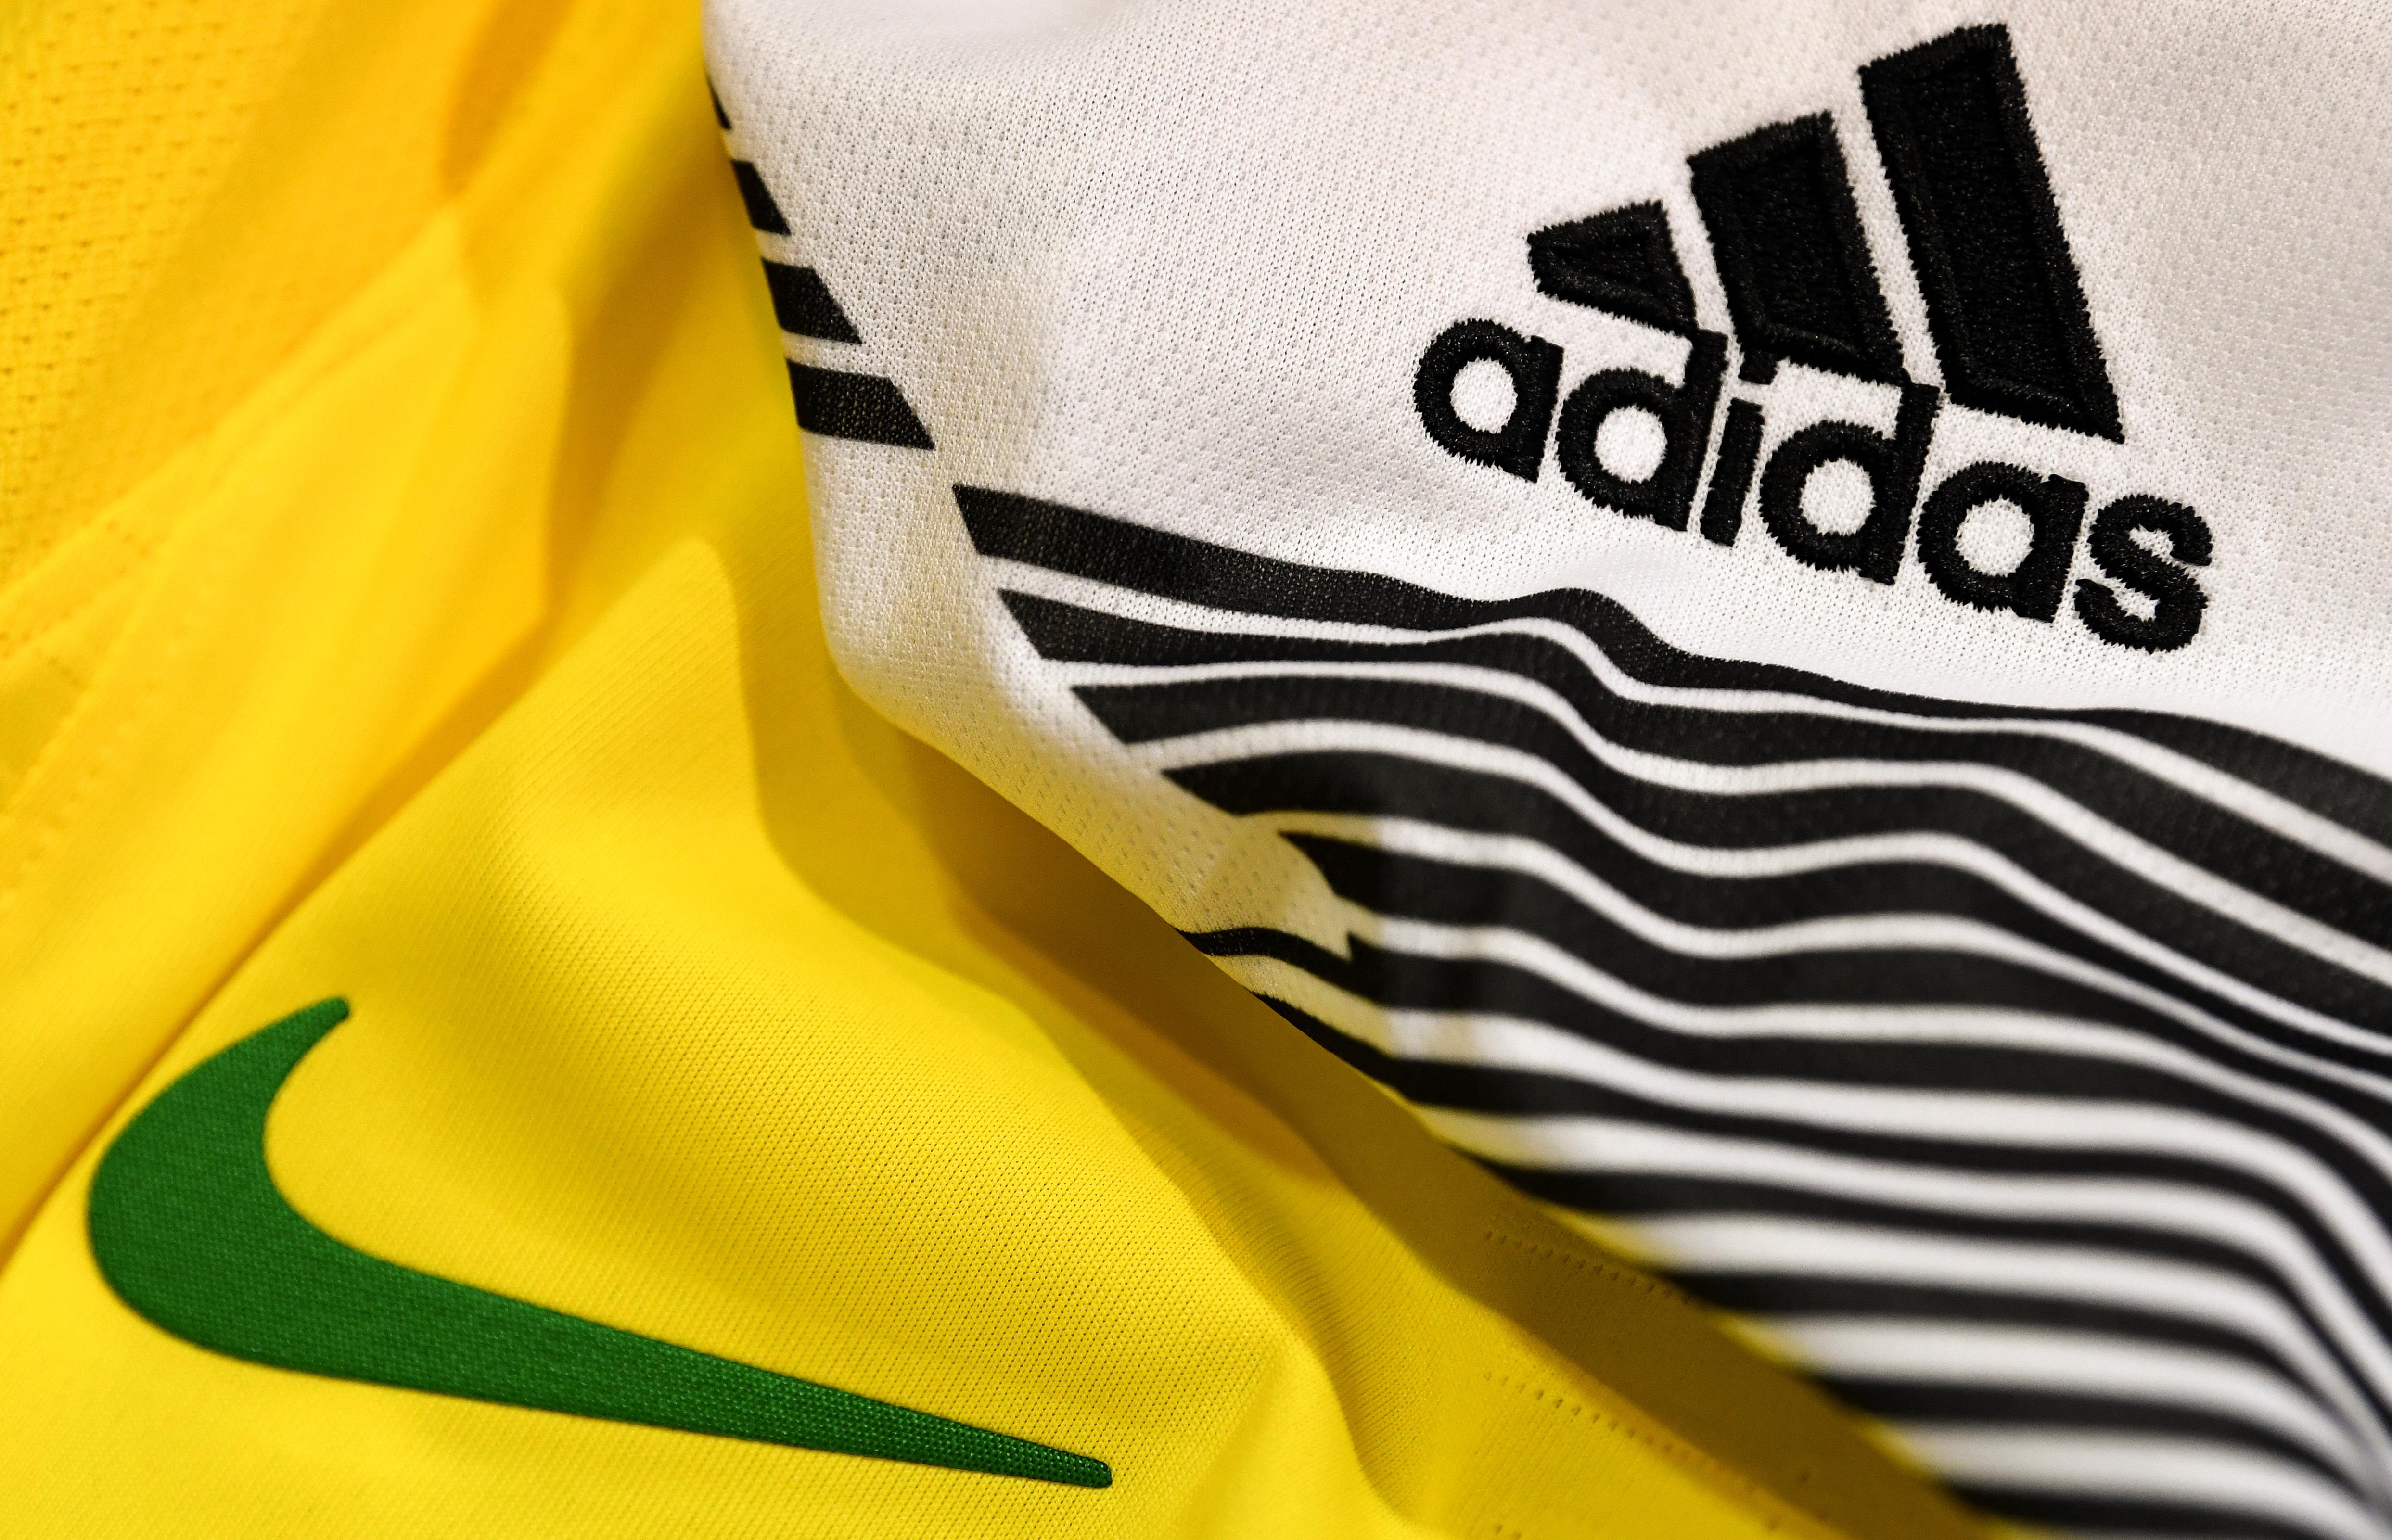 Adidas Font Style 2008   Camisetas de fútbol, Letras y Camisetas